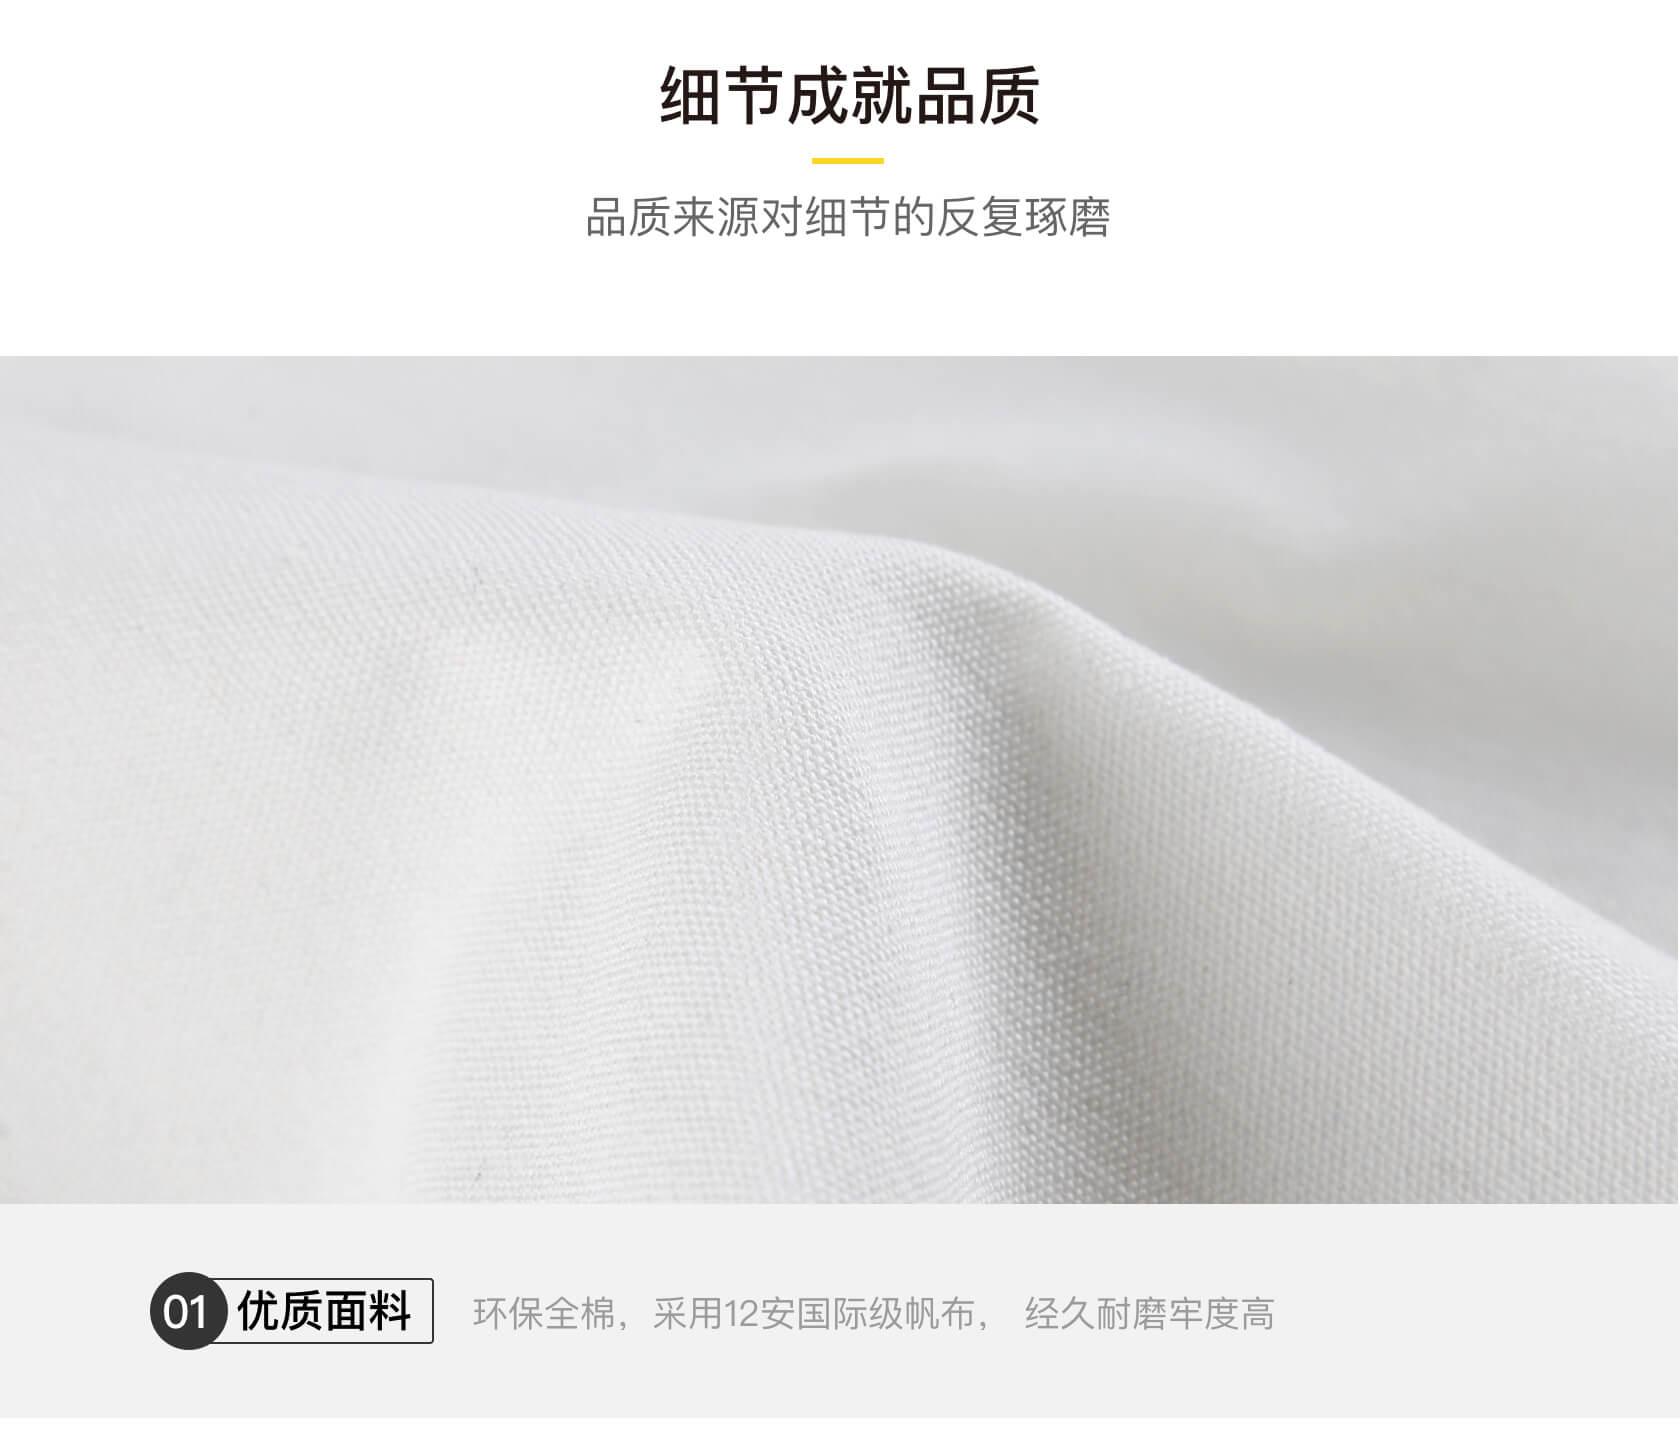 定制敞口帆布包細節1